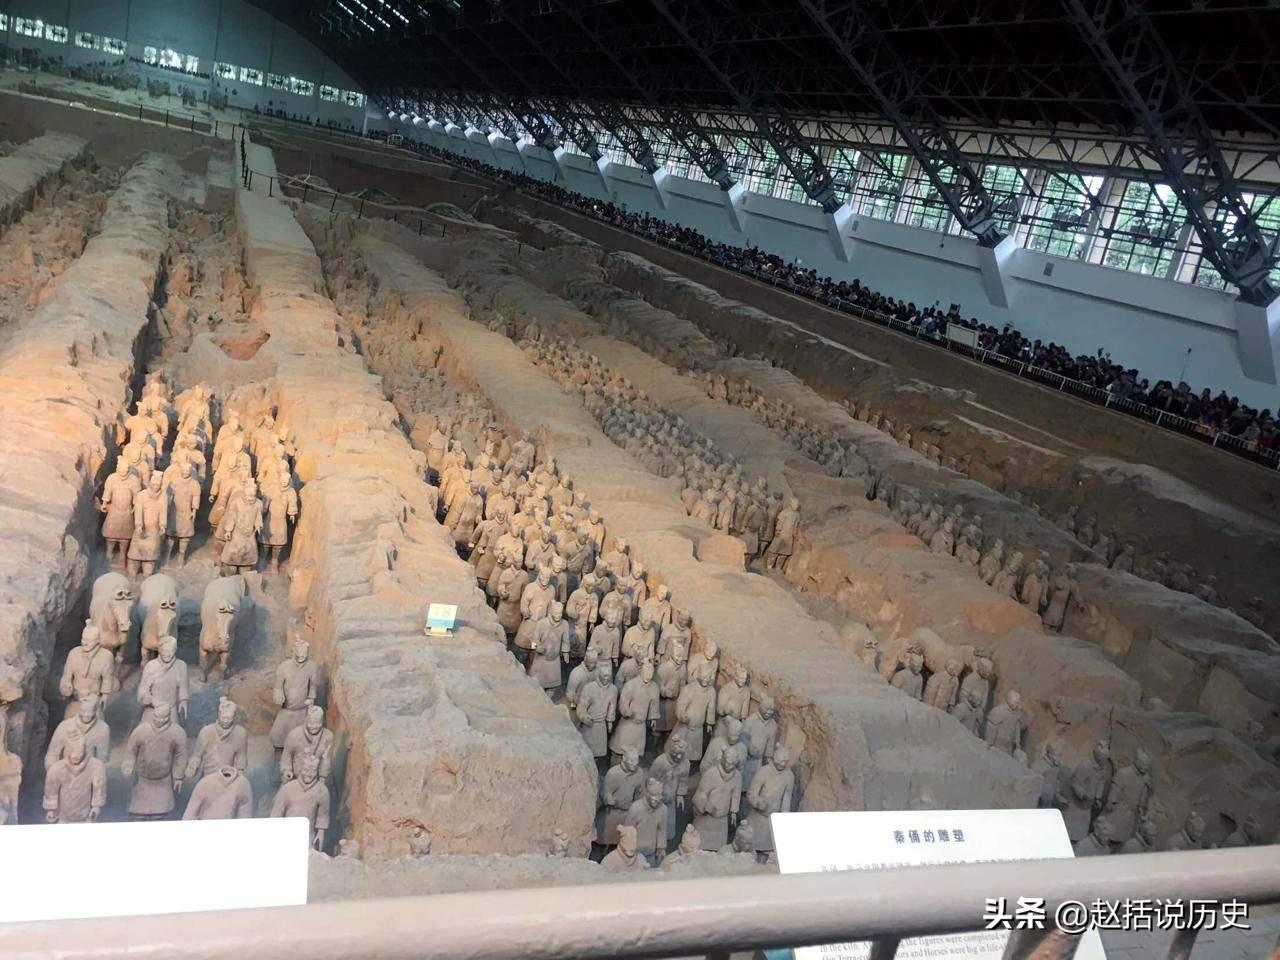 沉睡的兵马俑和秦始皇陵,到底想告诉我们什么?